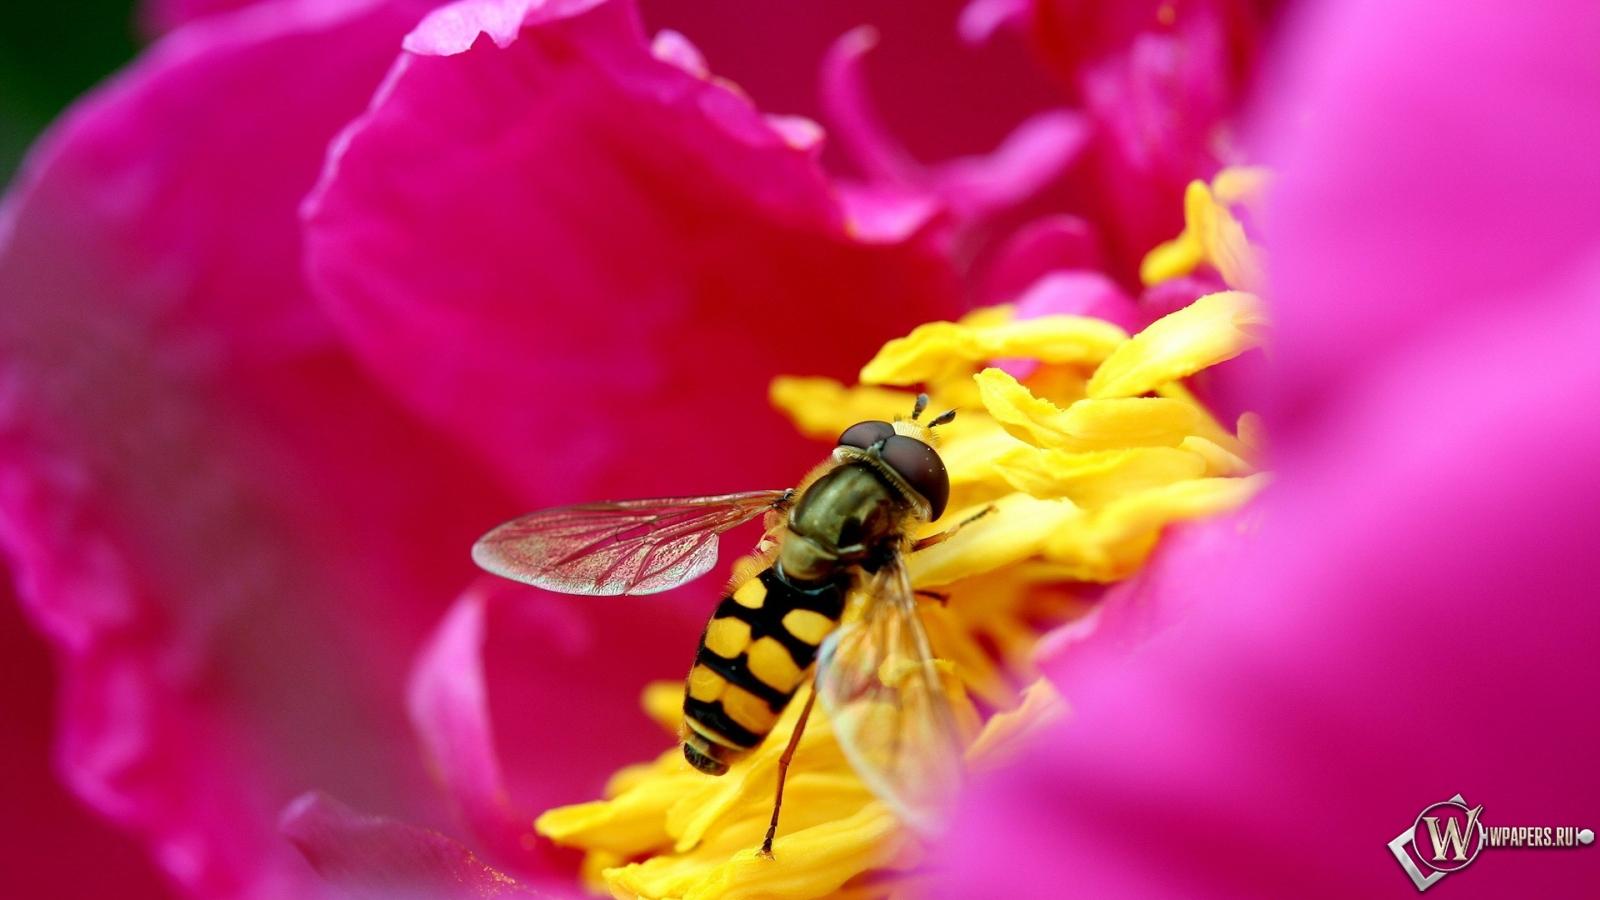 Обои Пчела на цветке на рабочий стол с ...: wpapers.ru/wallpapers/Insects/5517/1600-900_Пчела-на...